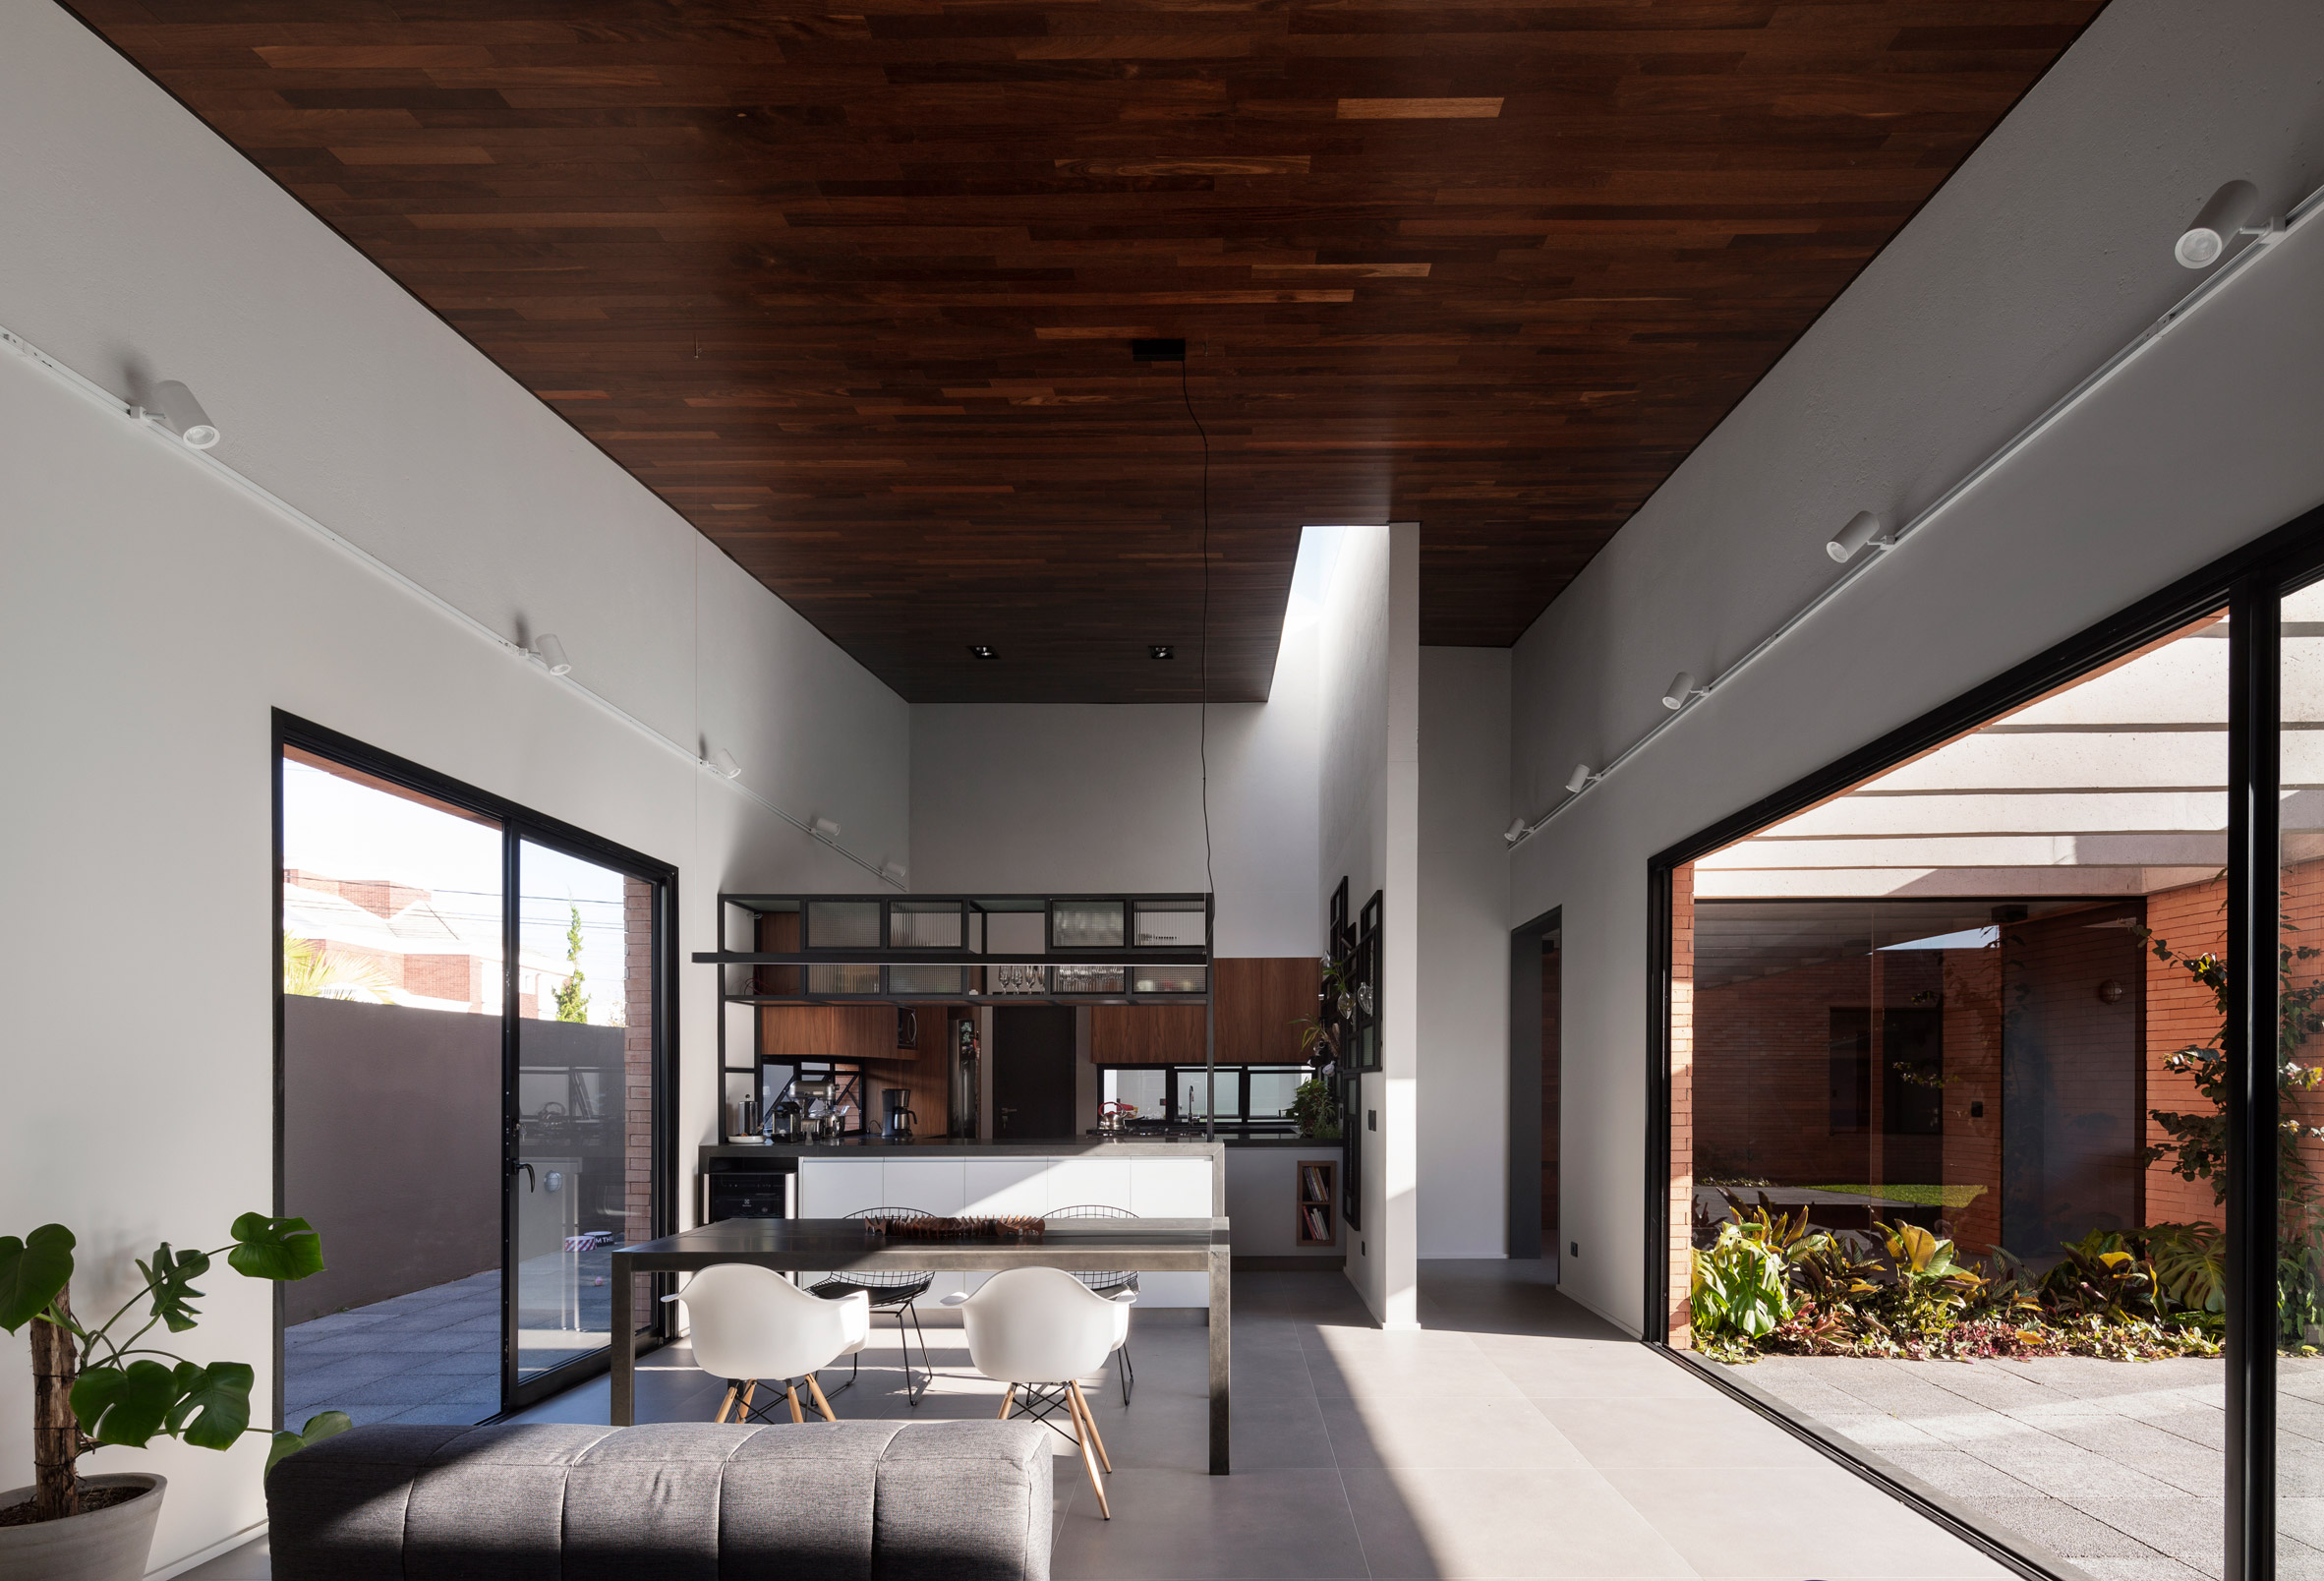 Courtyard House by Bernardo Richter